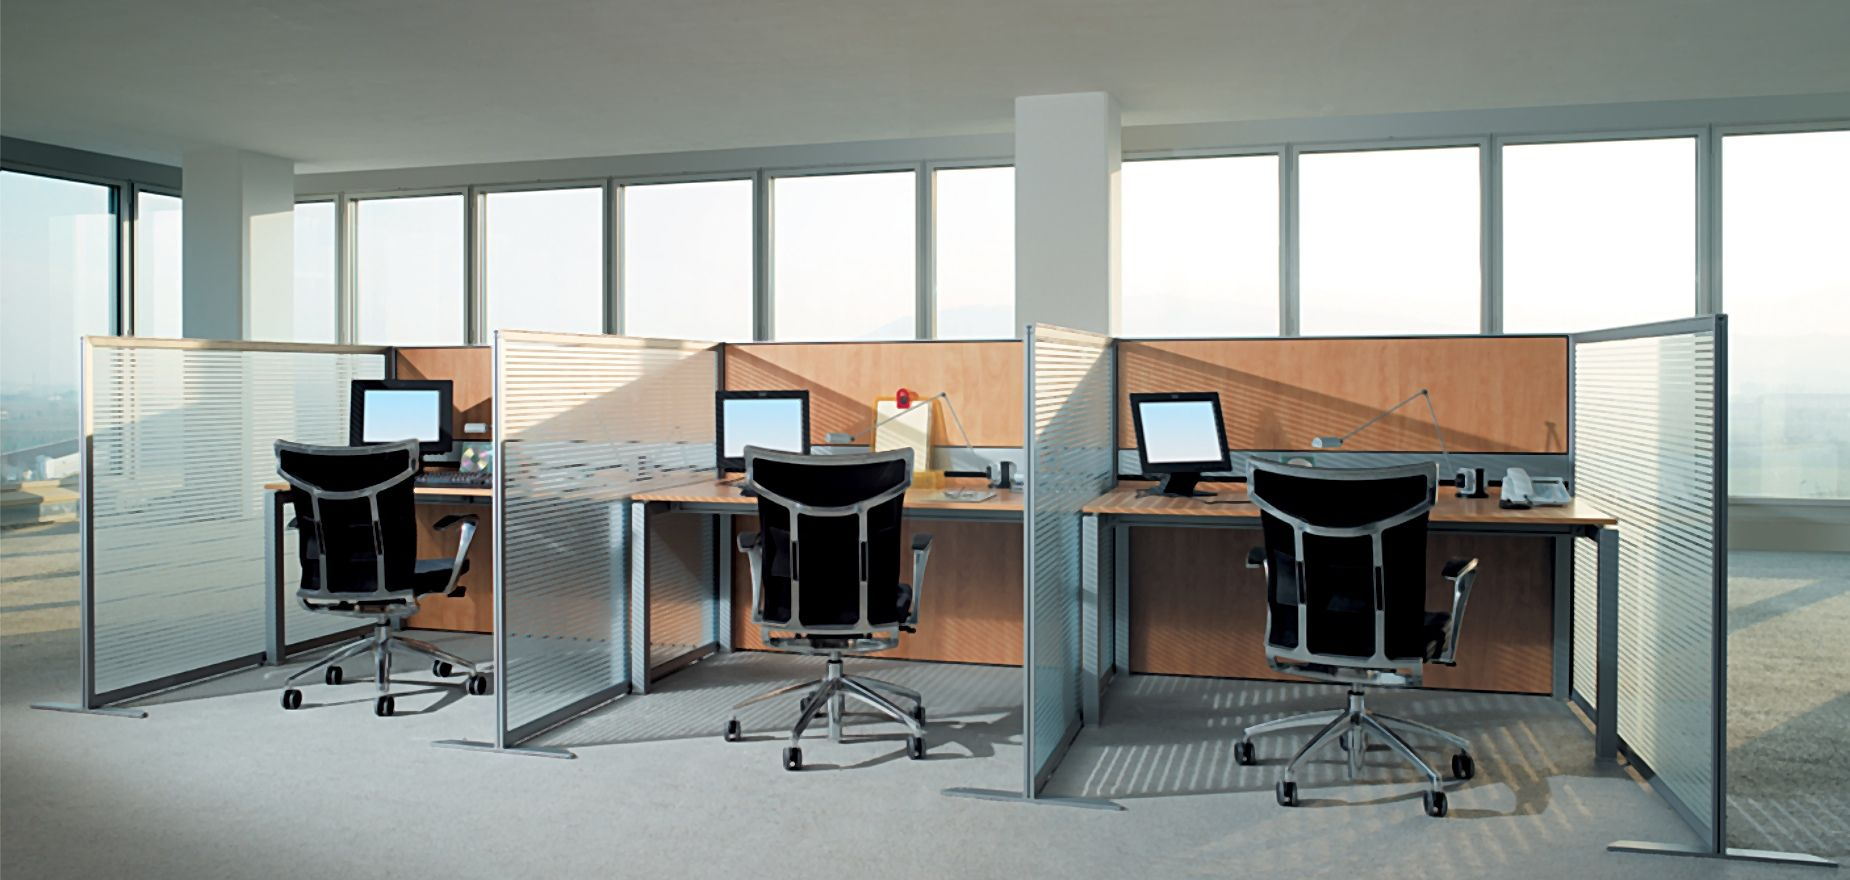 Cubiculos para oficina buscar con google sala de for Diseno de interiores para oficinas pequenas